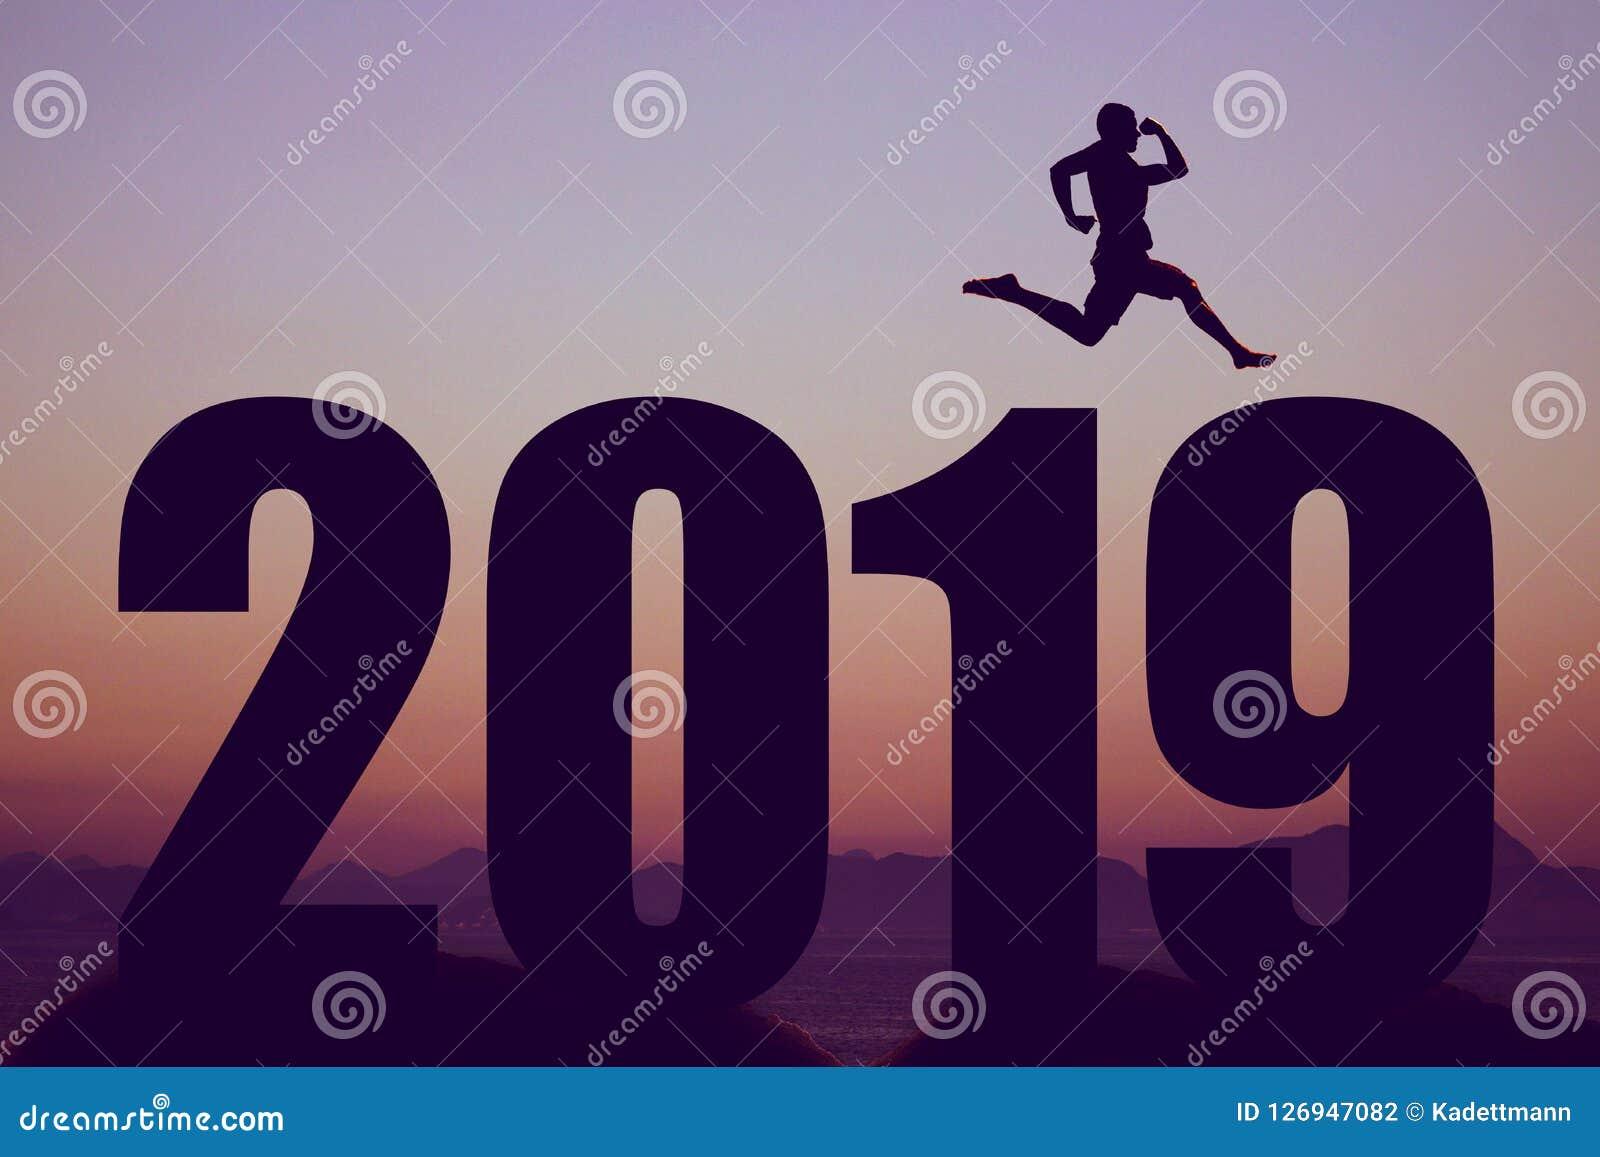 Schattenbild des neuen Jahres 2019 mit springendem Mann als Symbol für Änderungen